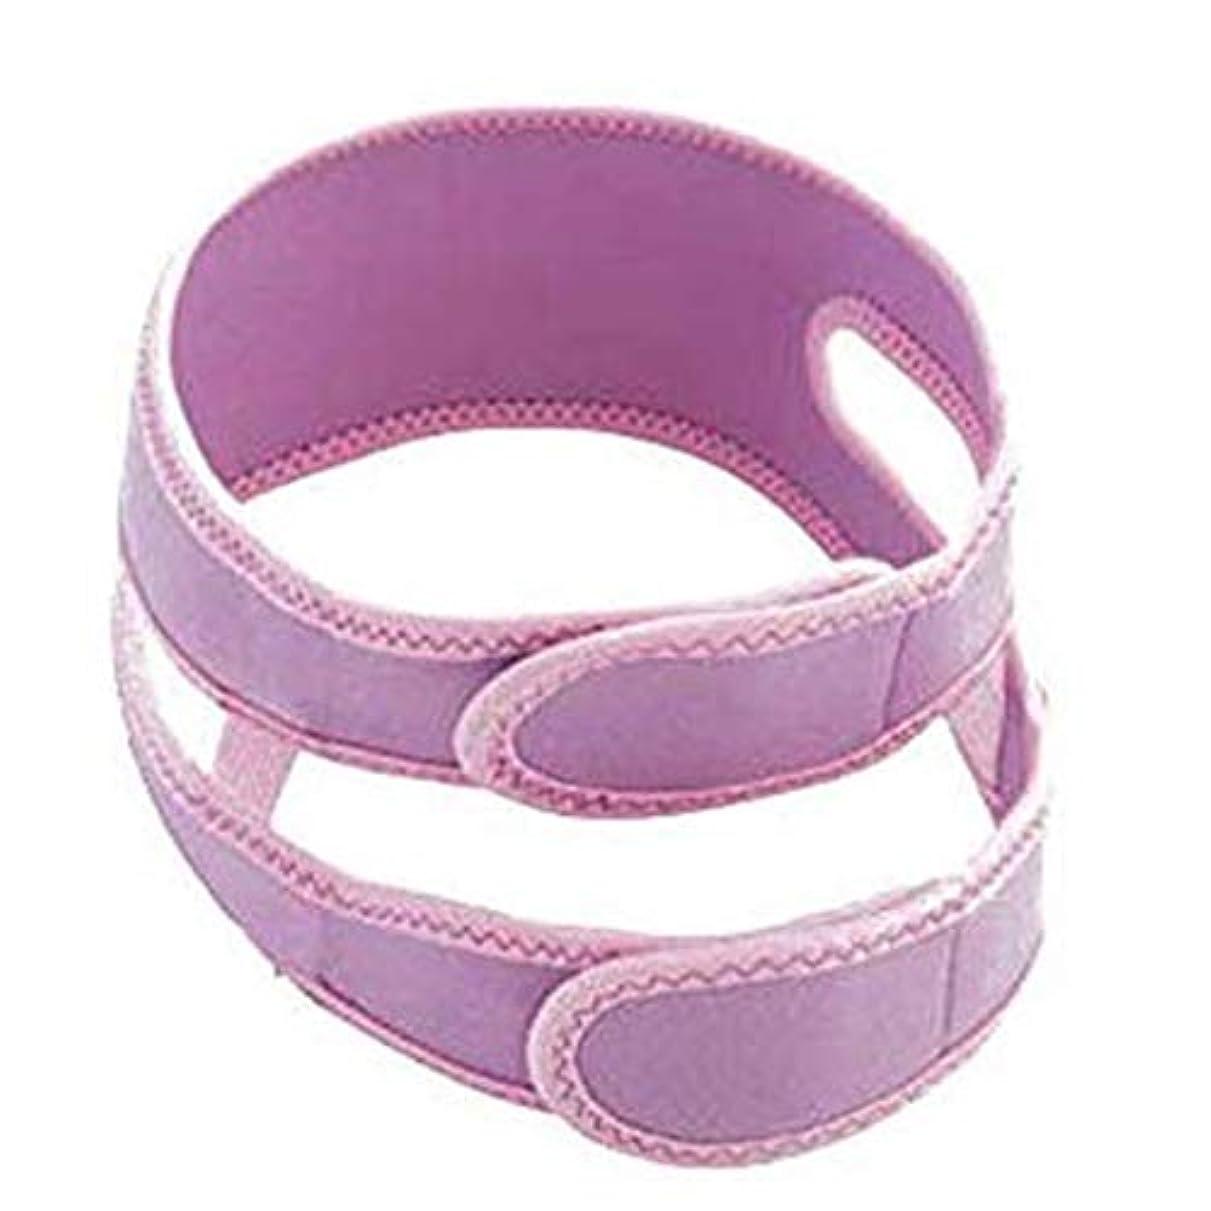 相互接続薬用枠HUYYA ファーミングストラップリフティングフェイスリフティング包帯、V字ベルト補正ベルト ダブルチンヘルスケアスキンケアチン,Purple_Large